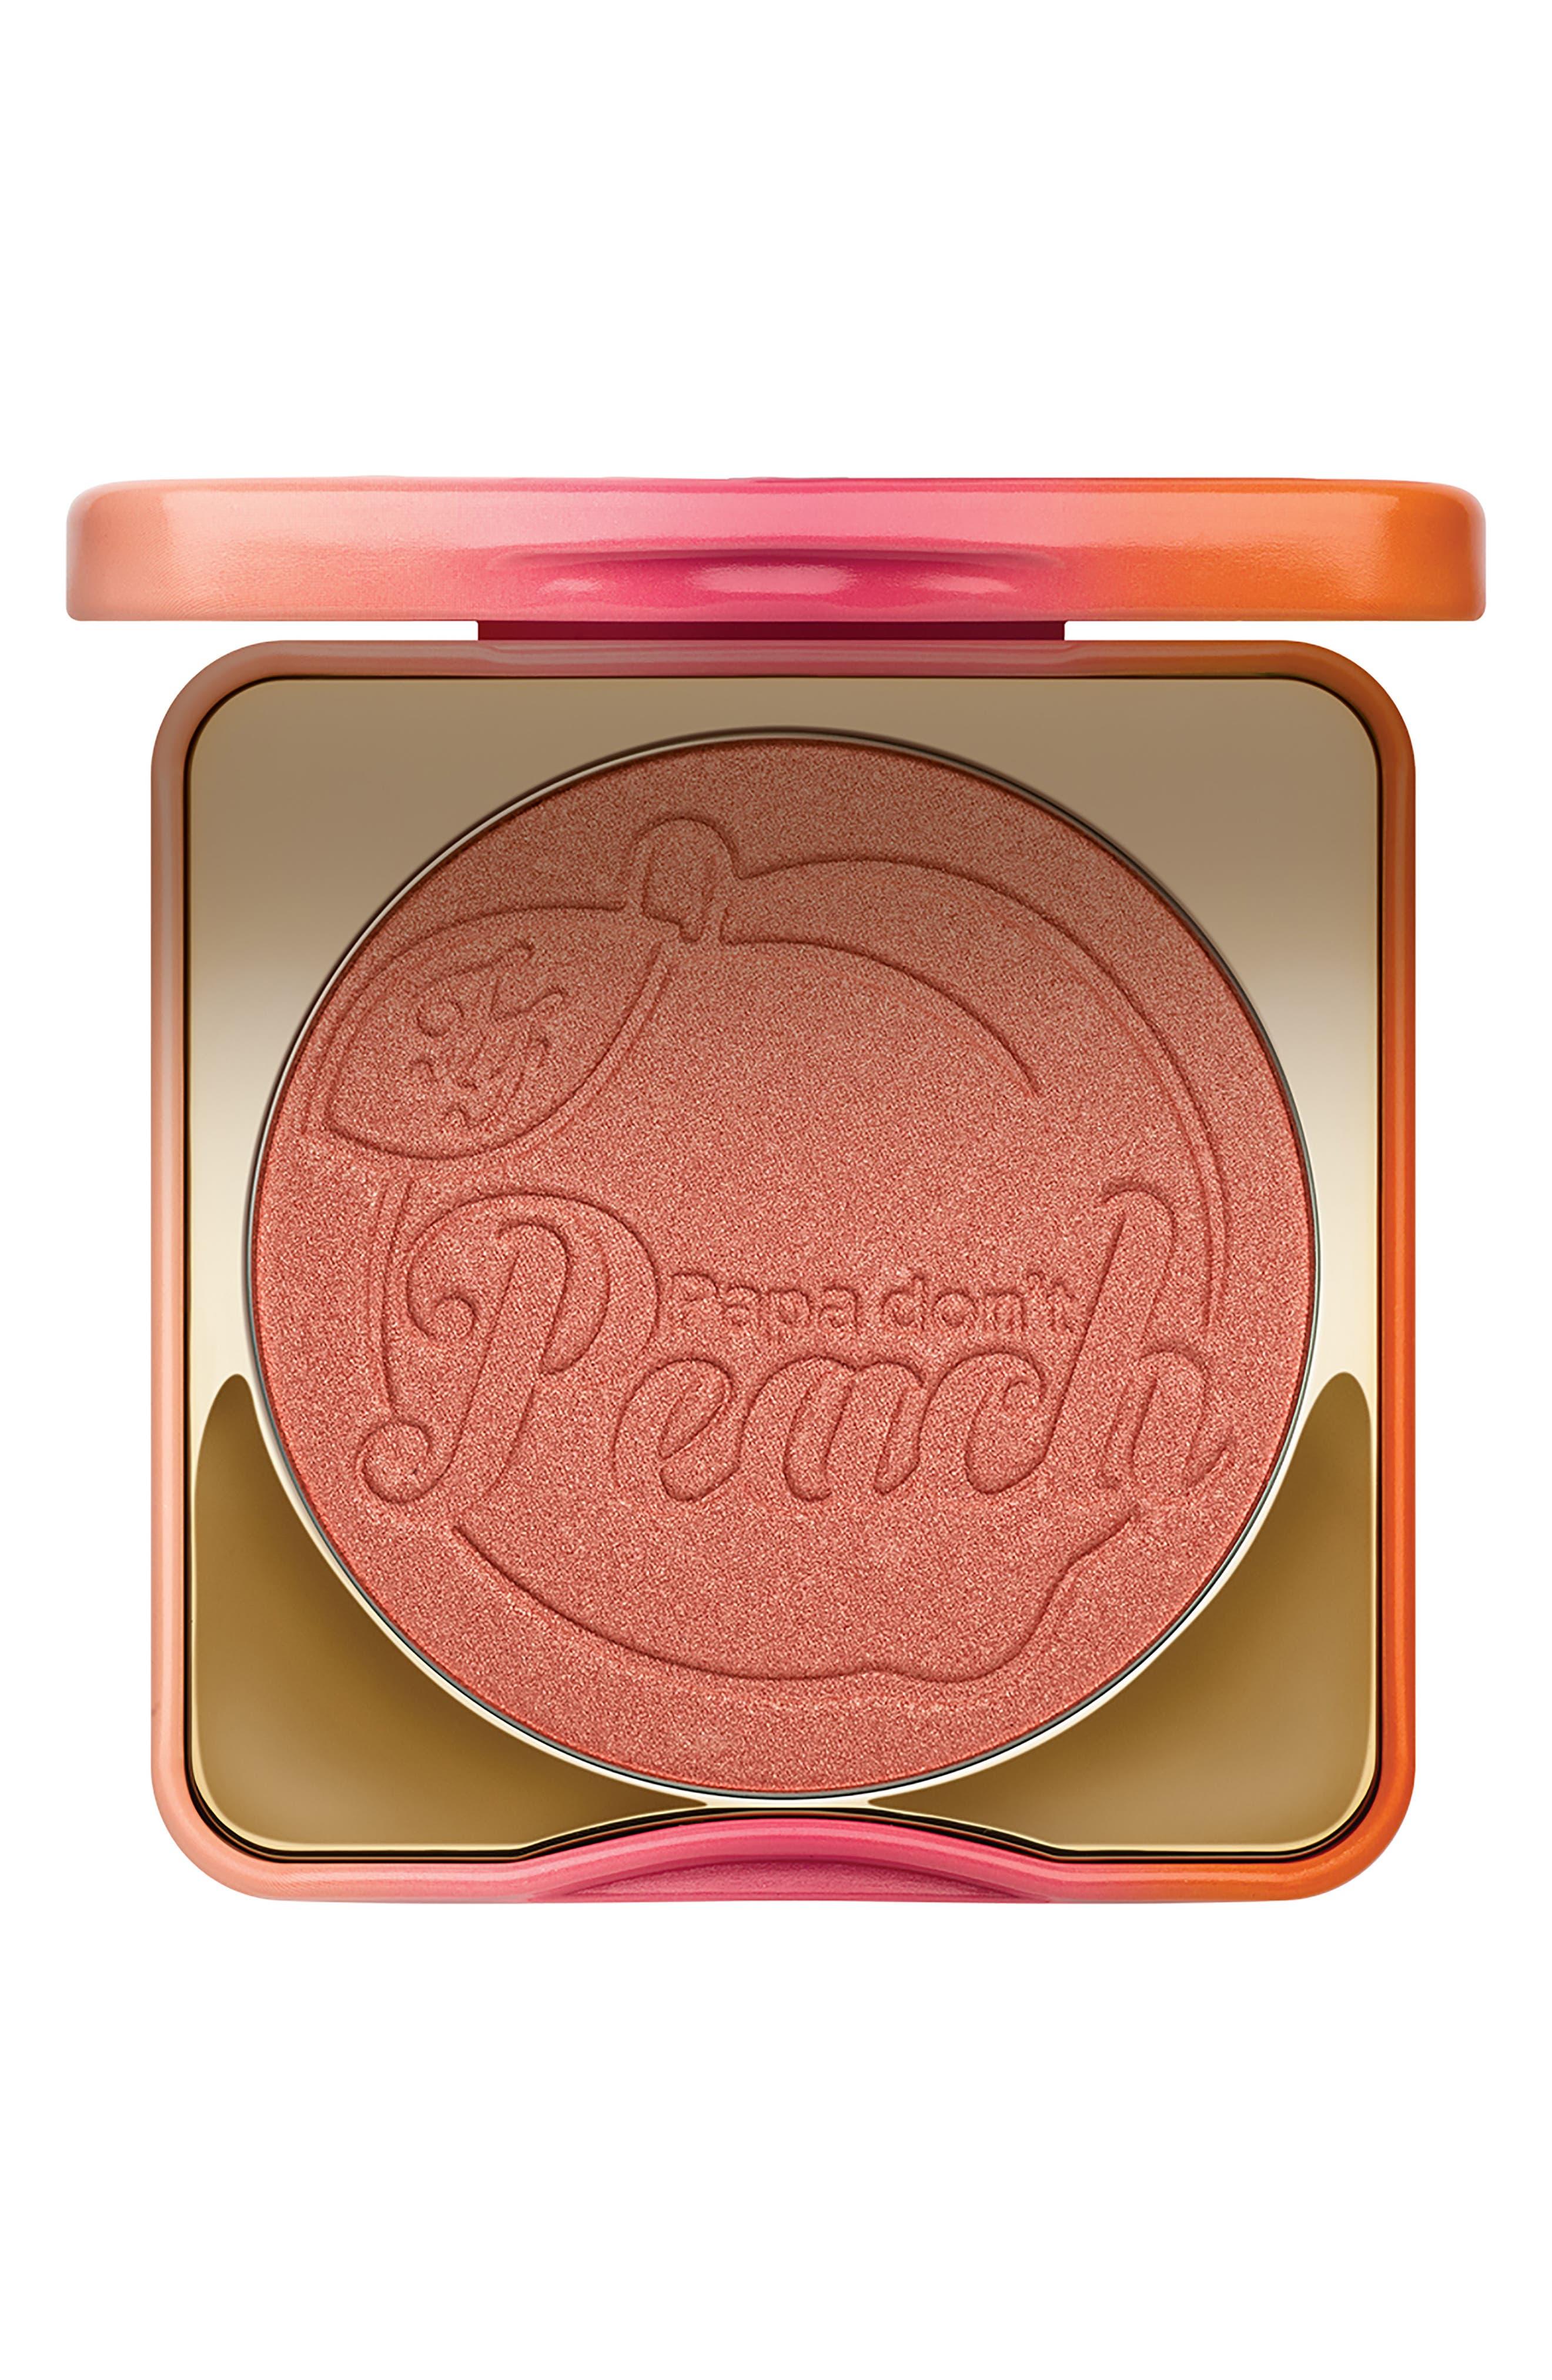 Too Faced Papa Don't Peach Blush